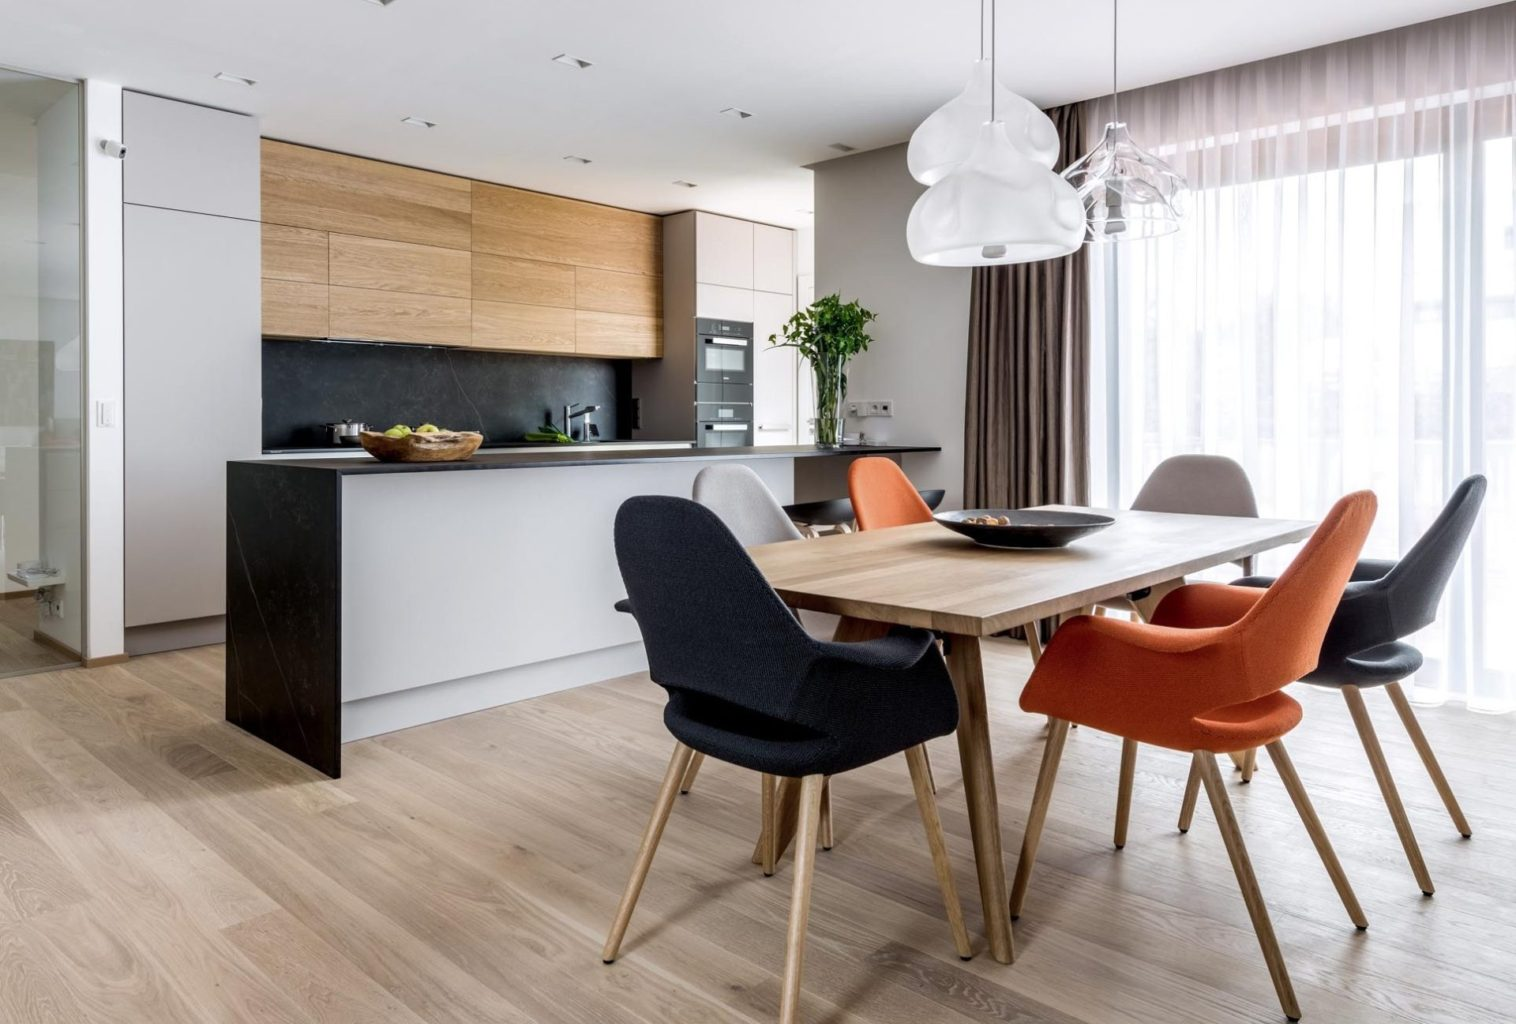 designova kuchyne sykora, kombinuje sedy lak, dyhu a prirodni kamen